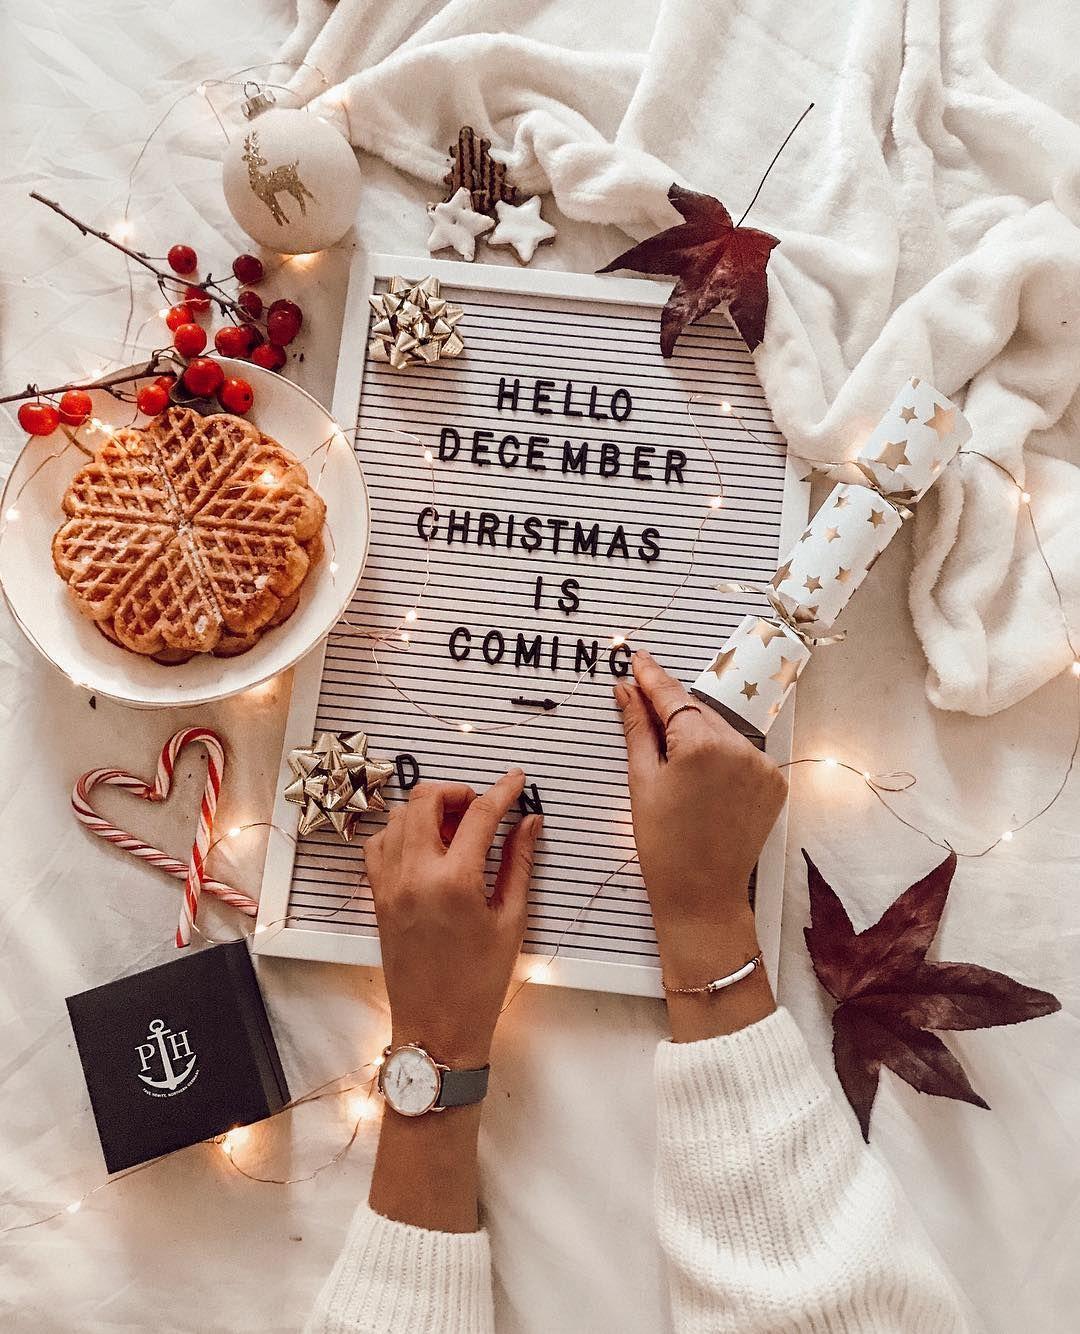 """@lulouisaa on Instagram: """"Werbung hello december ️ christmas is coming � passend dazu könnt ihr bei @paul_hewitt 10% beim Set Creator sparen, womit ihr eine Uhr &…"""""""